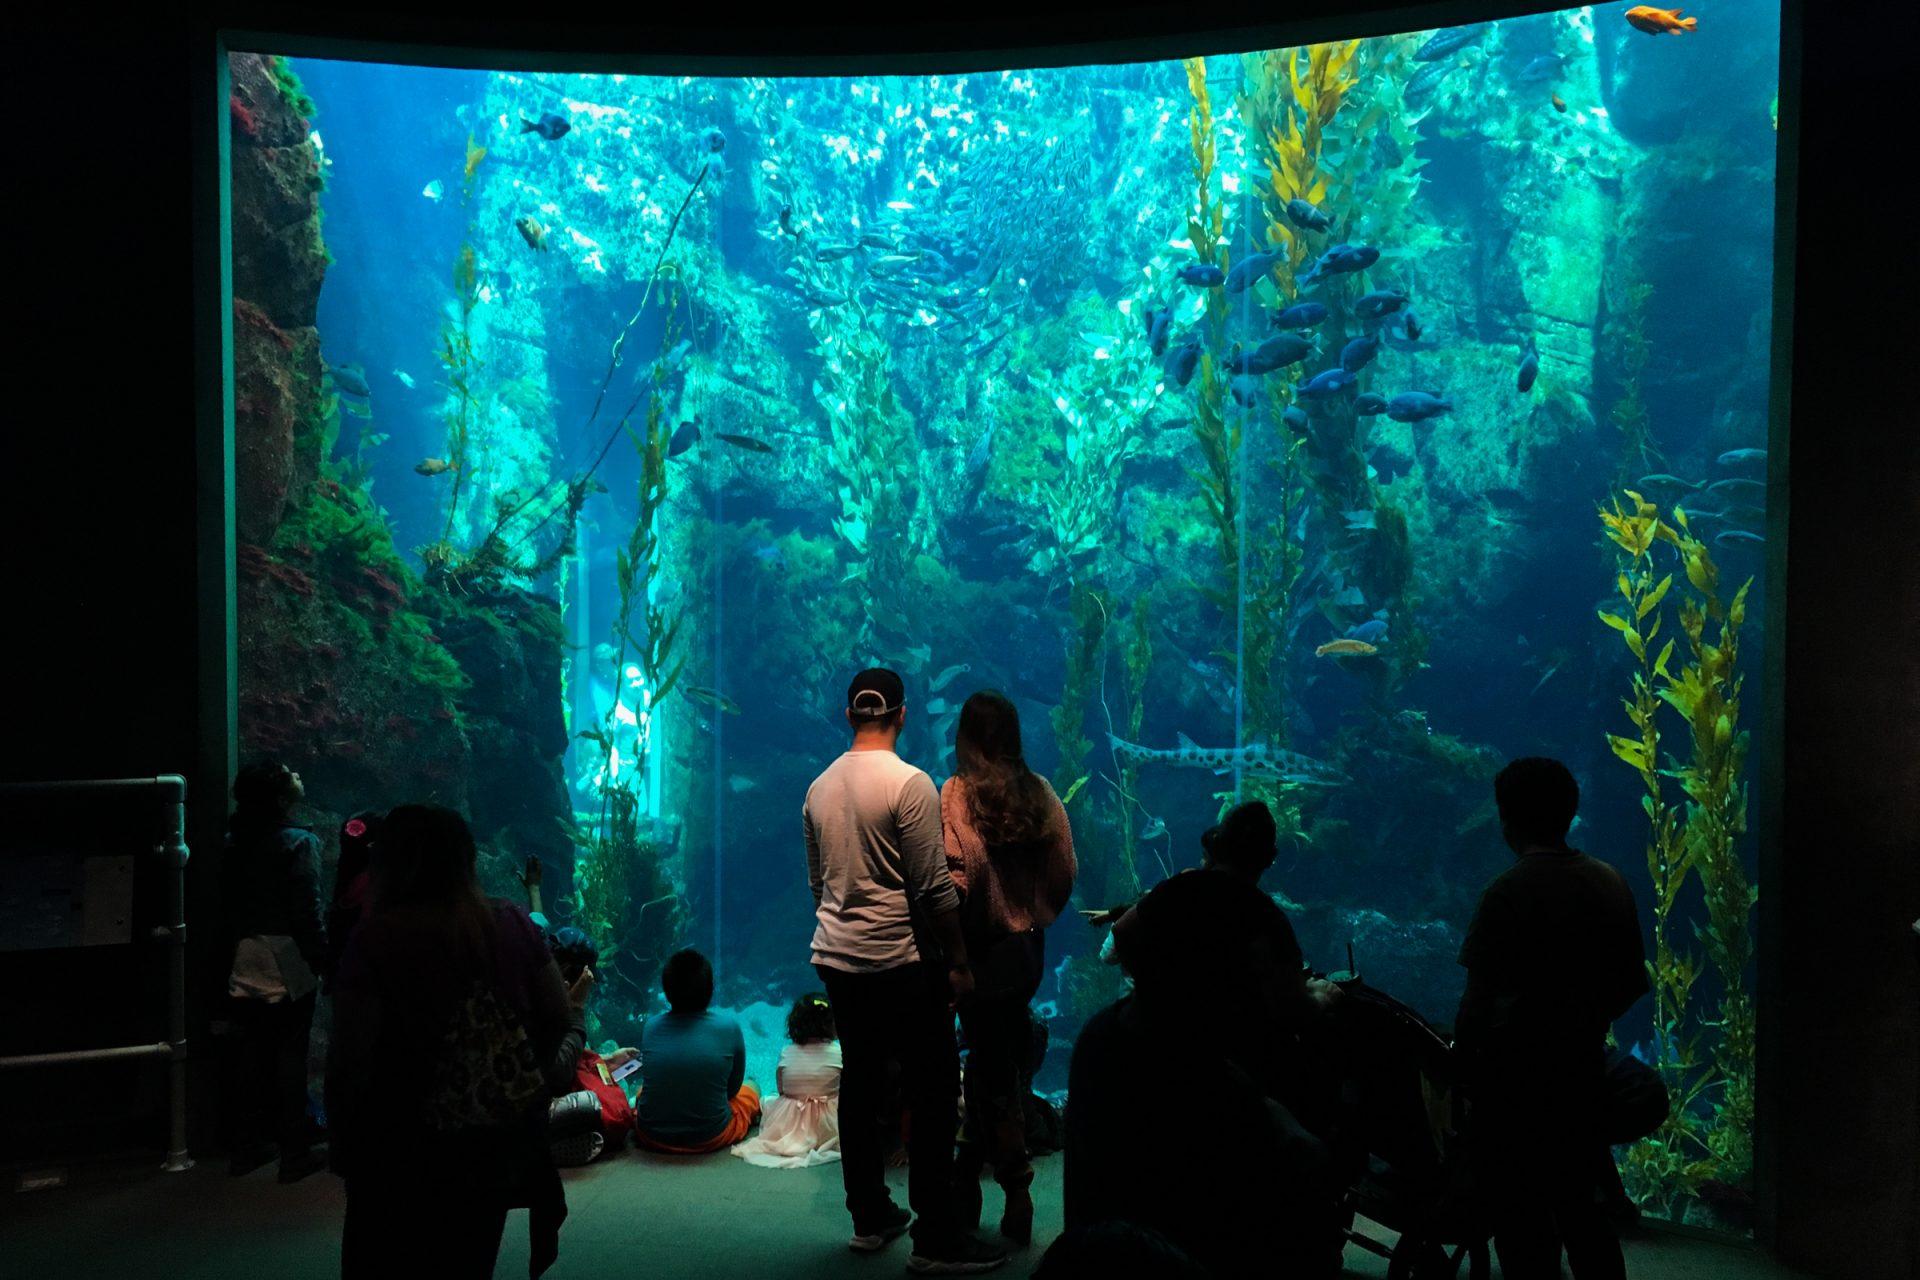 Families in Front of Glass Aquarium